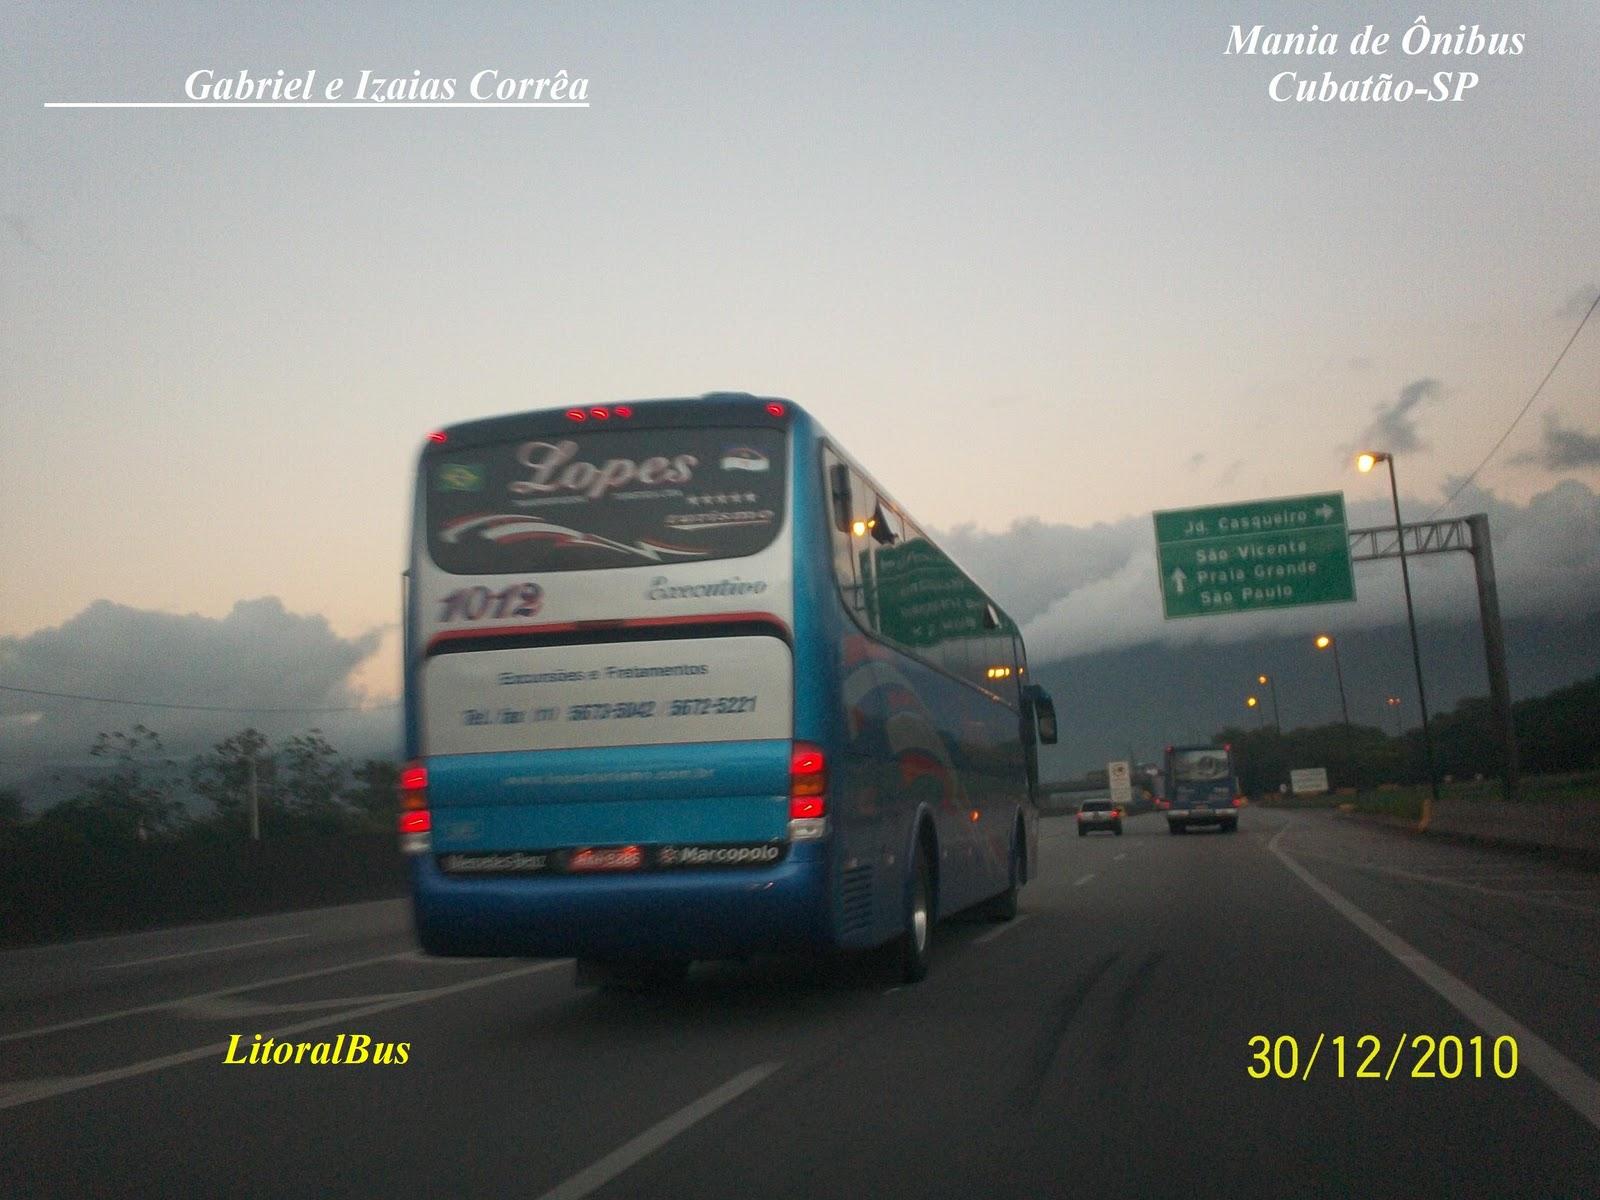 Litoralbus 4  Lopes 1012